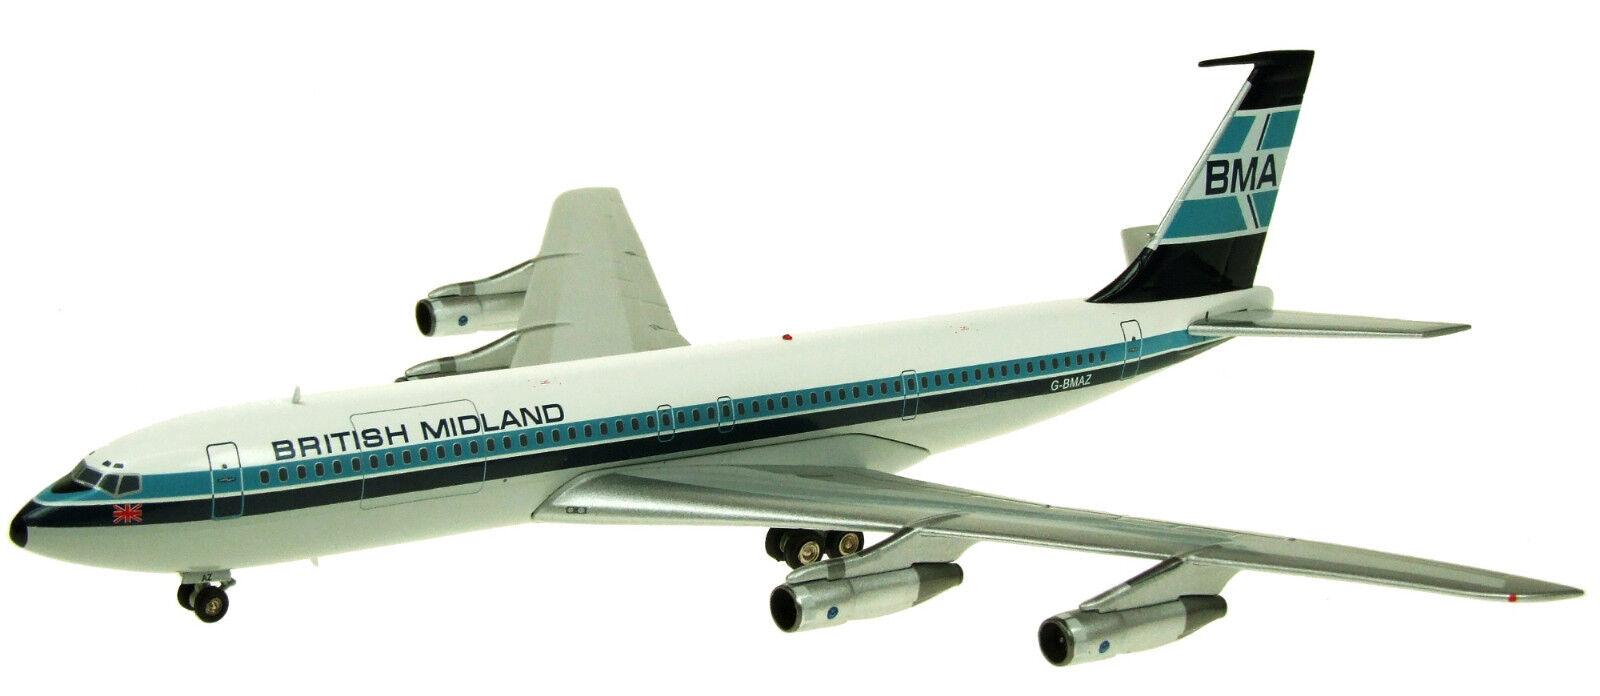 Fliegender 200 IF7070714 1/200 Britisch Midlands Airways 707-321c G-Bmaz